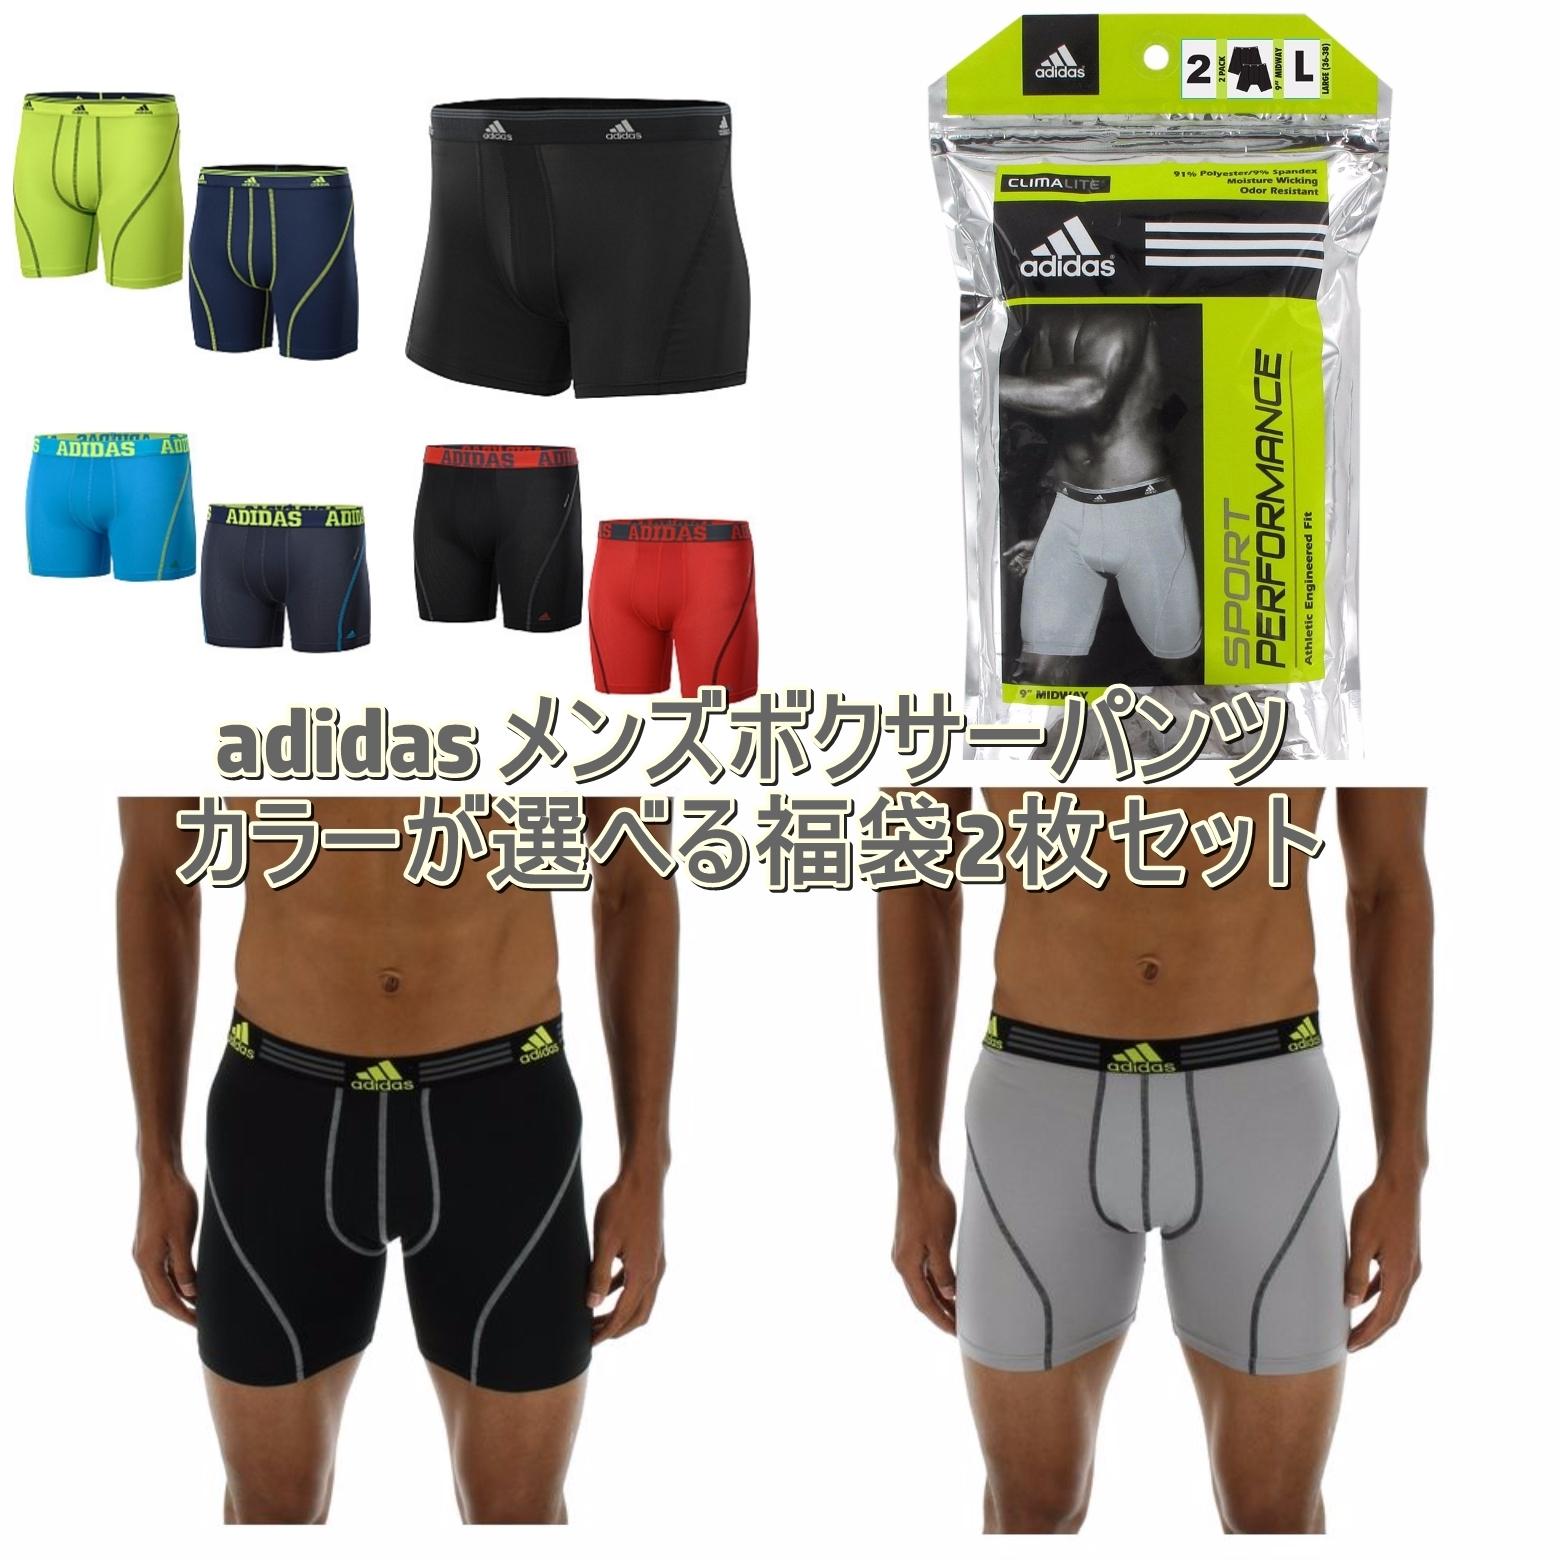 adidas 1色選べる激安福袋 メンズボクサーパンツ2枚セットスタイル写真